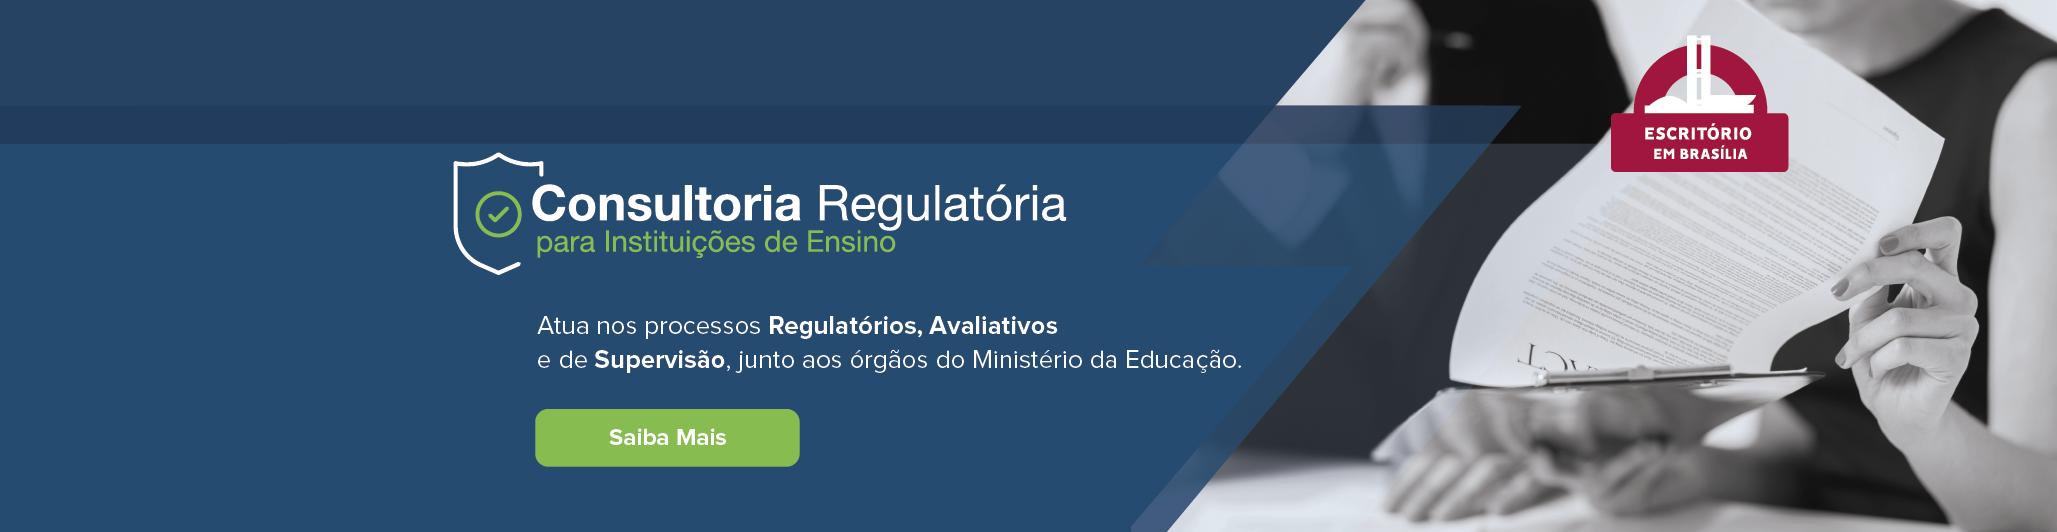 Consultoria Regulatória